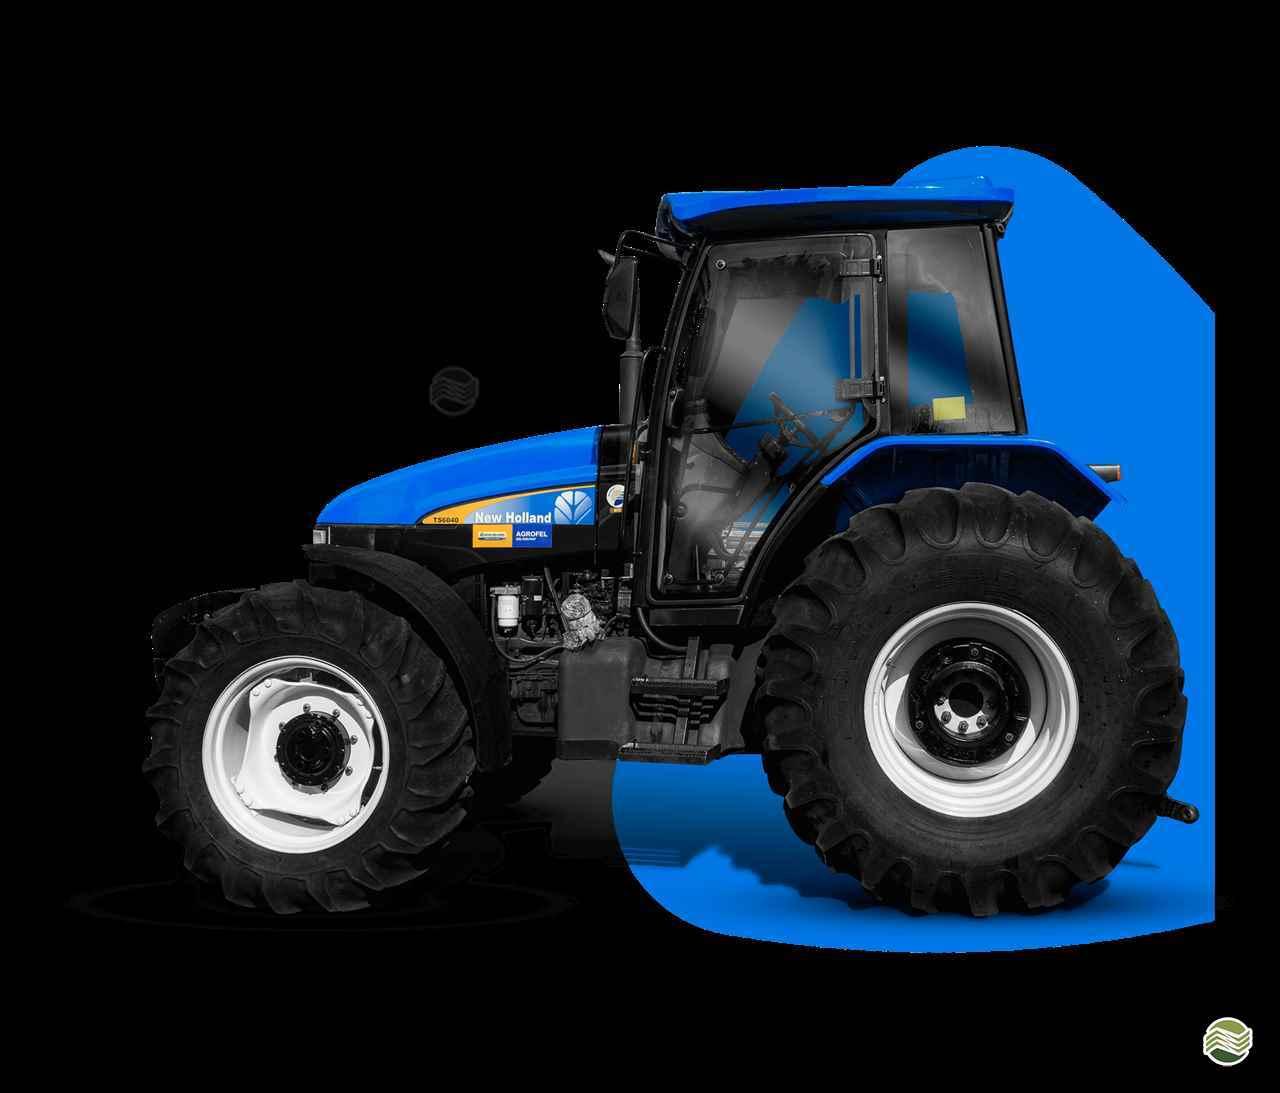 IMPLEMENTOS OUTROS  20 Terral Máquinas e Peças Agrícolas